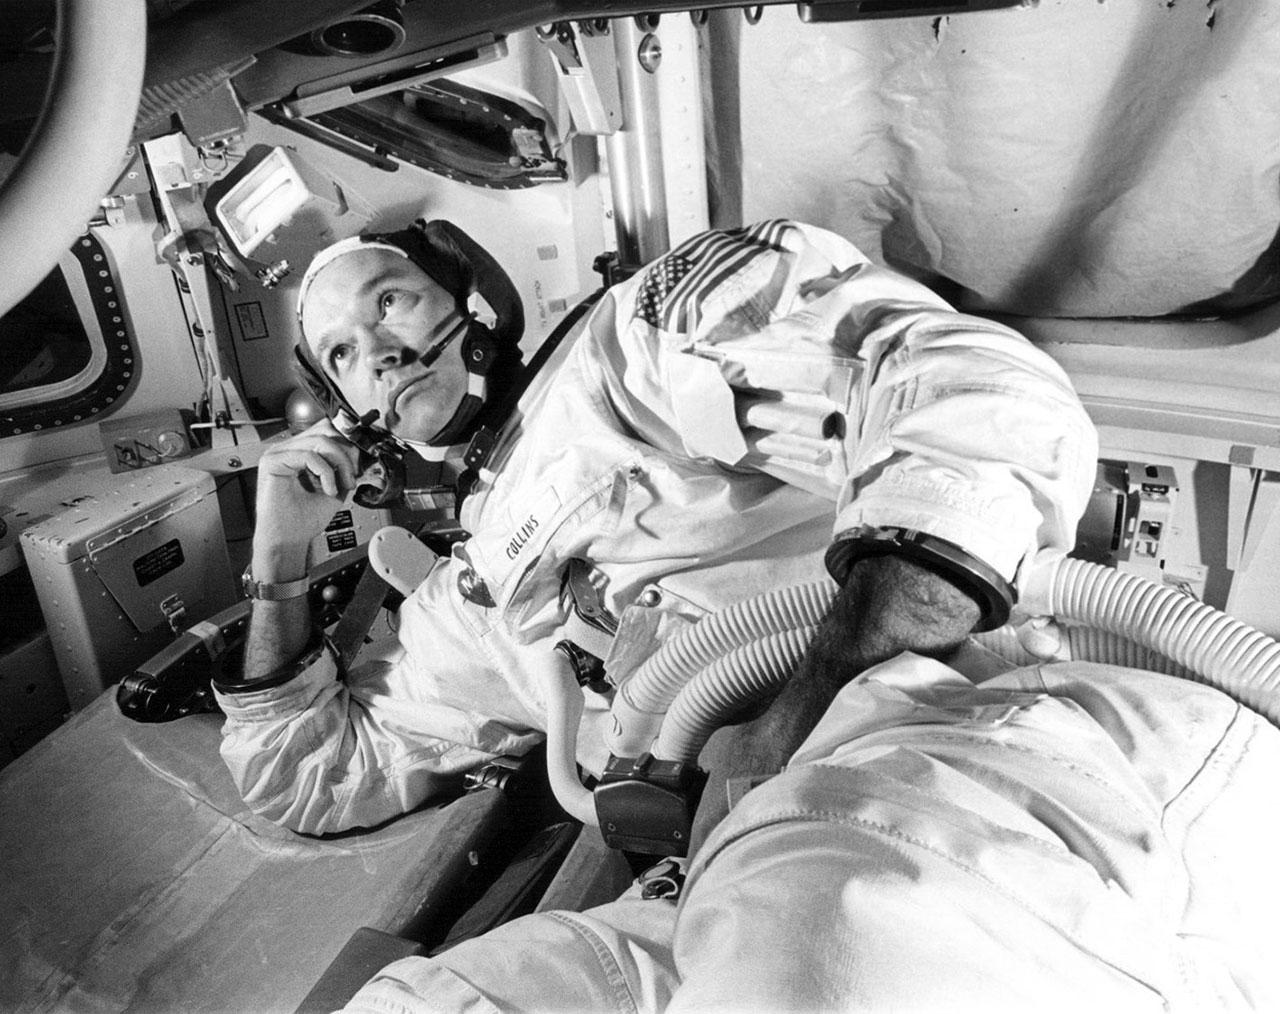 Michael Collins s'entraîne dans le simulateur du module de commande Apollo en préparation de la mission Apollo 11 en juin 1969.